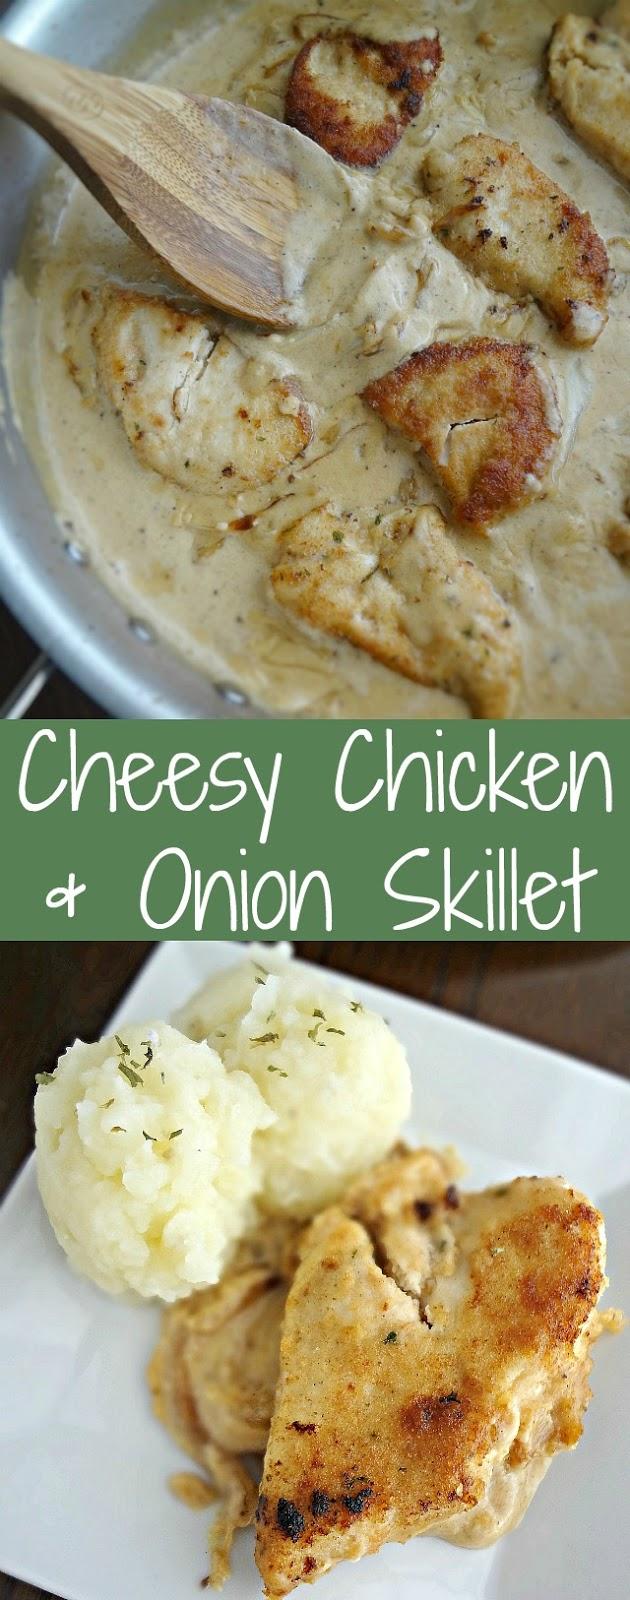 Cheesy Chicken & Onion Skillet